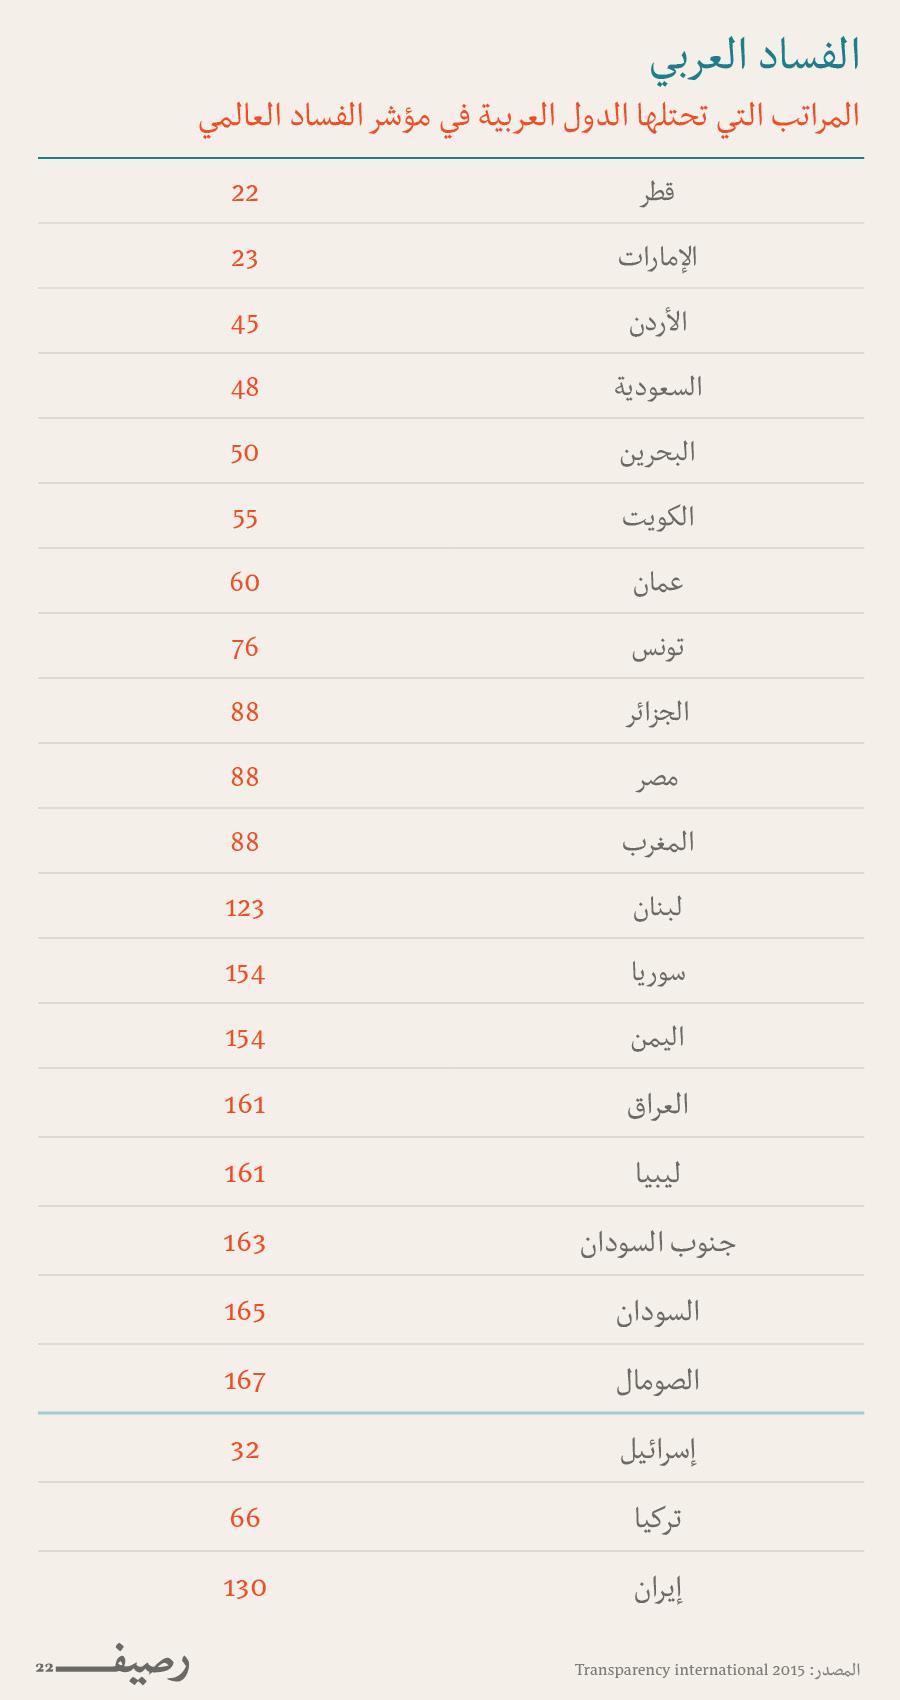 مؤشر الفساد العالمي - الفساد في العالم العربي